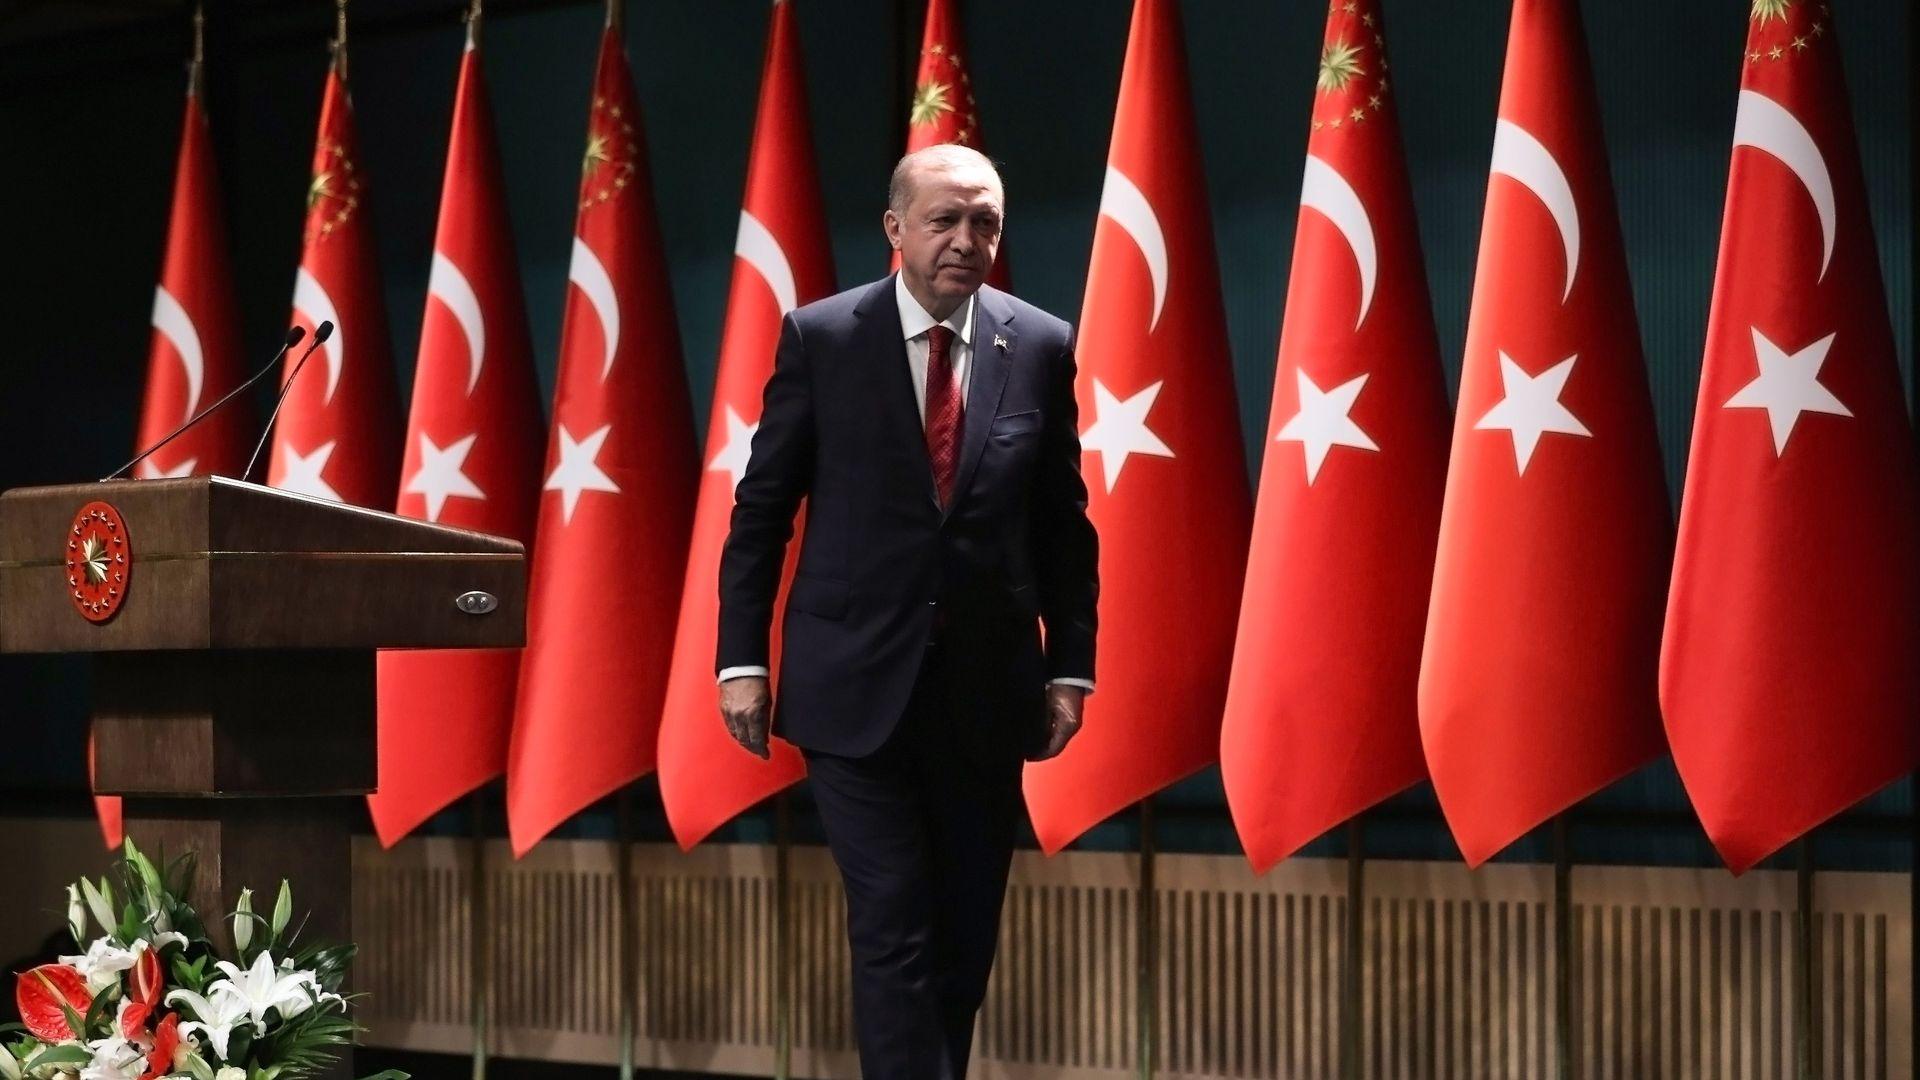 Erdoğan calls snap elections in Turkey - Axios